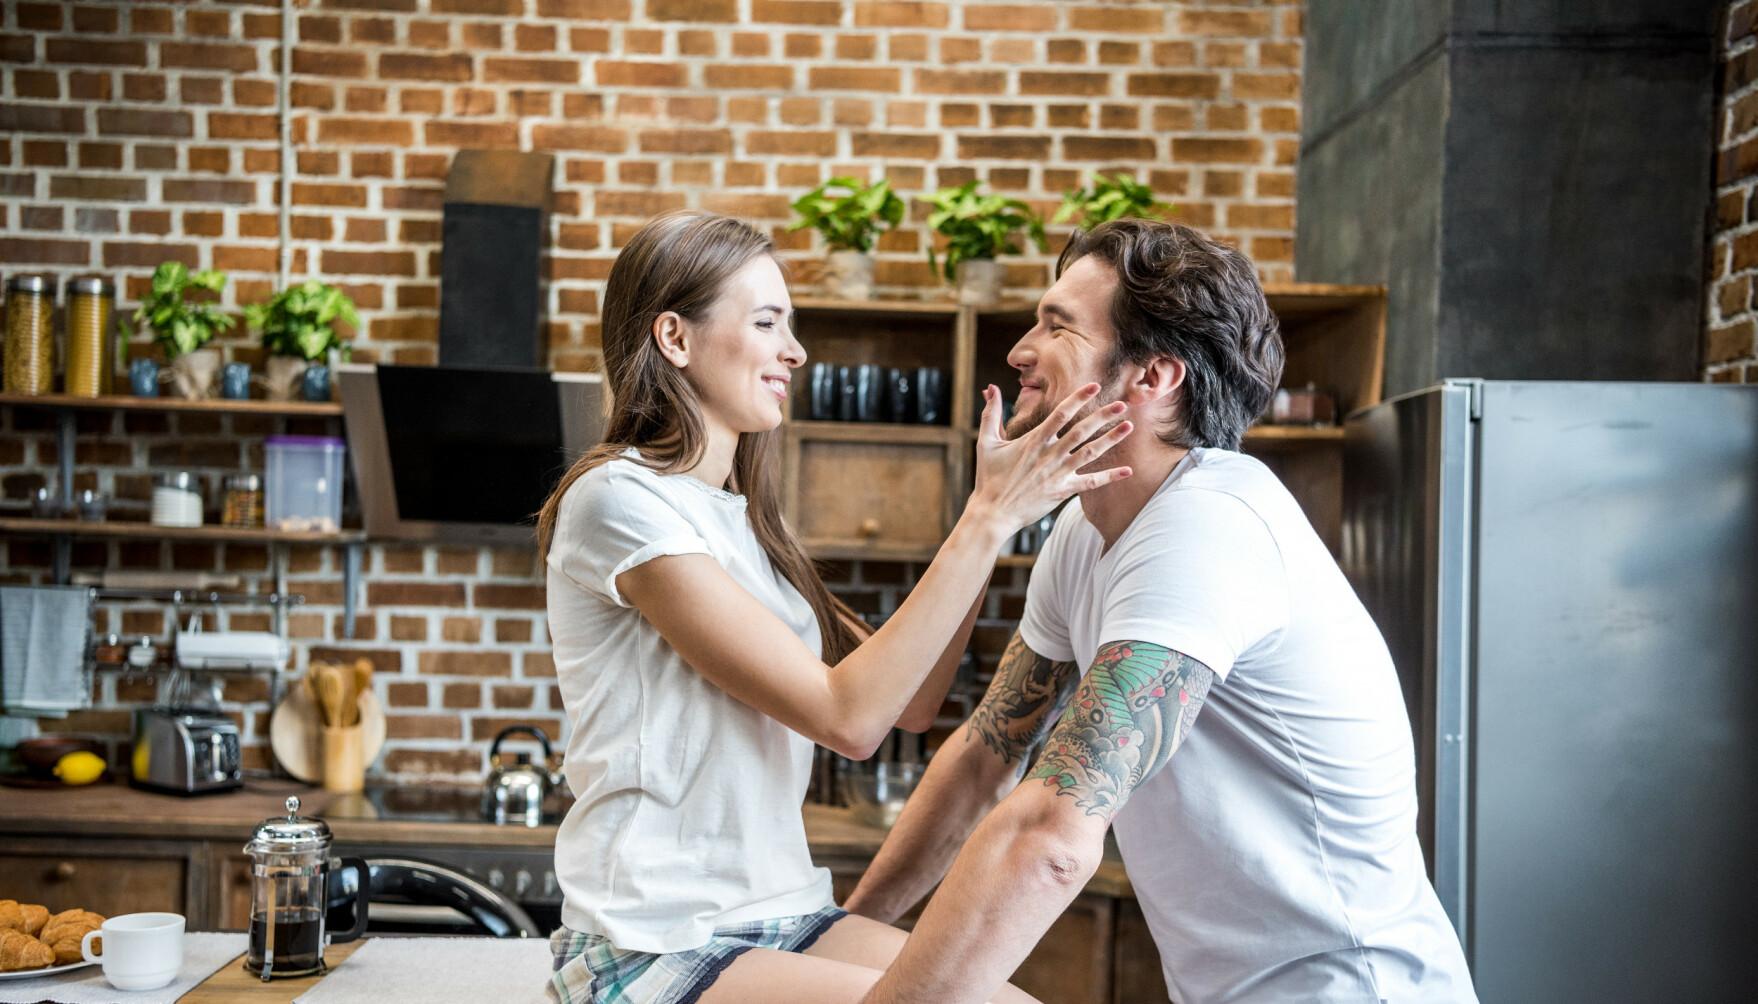 HVERDAGEN: Ifølge eksperten er det viktig at dere er enige om hva som er et godt forhold i hverdagen. FOTO: NTB